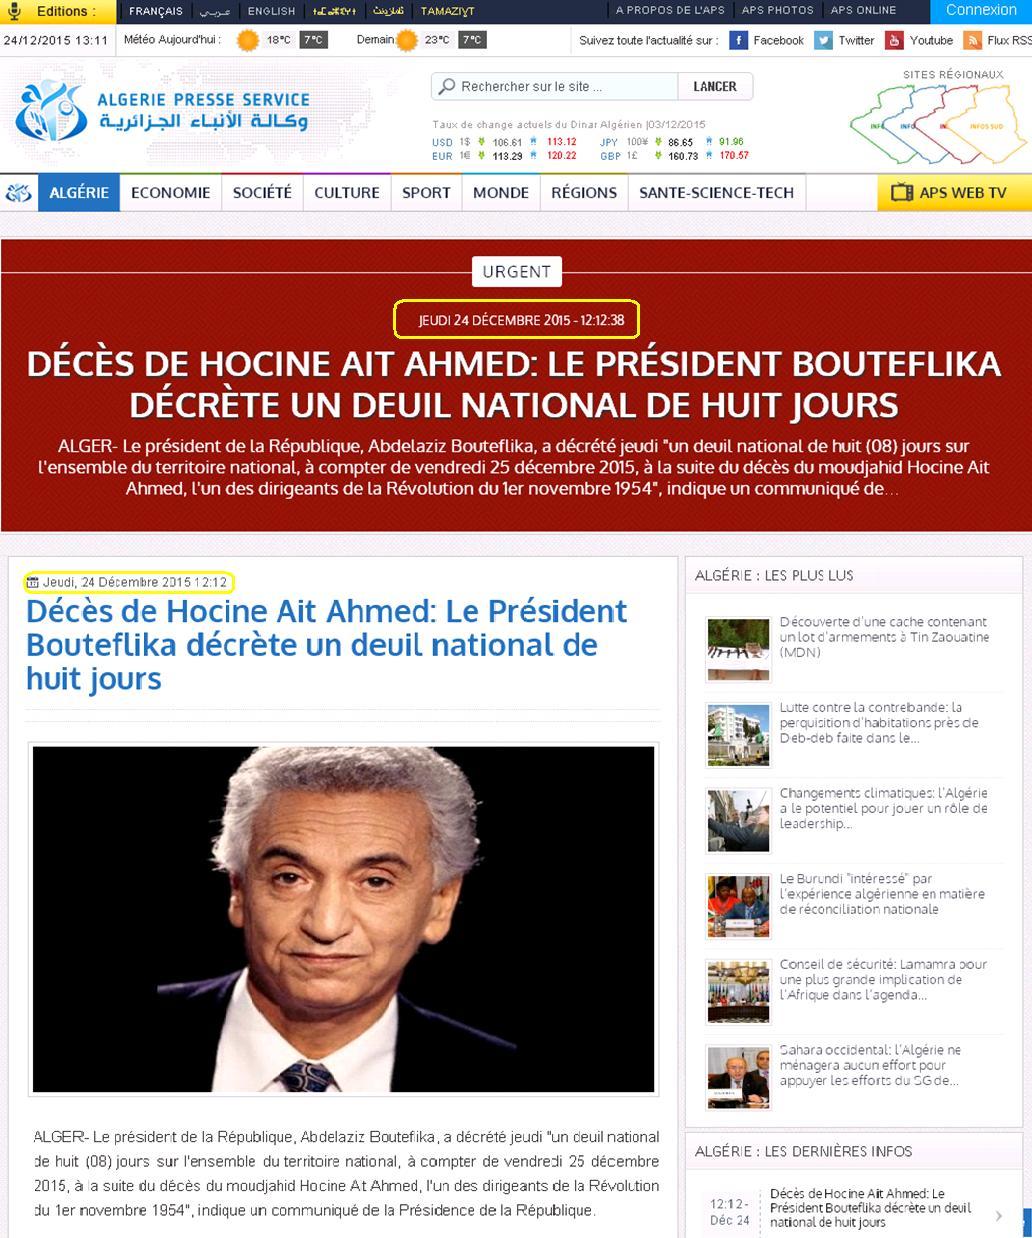 1heure et 18 minutes après le communiqué du MAK et du GPK décrétant 3 jours de deuil en Kabylie en l'honnuer de Hocien Ait-Ahmed, les services de la présidence algérienne se sont senti obligés de décréter à leur tour 8 jours de deuil, sur « l'ensemble du territoire algérien »... se sont-ils senti obligé de préciser (PH/Capture d'écran de l'Agence de presse algérienne)